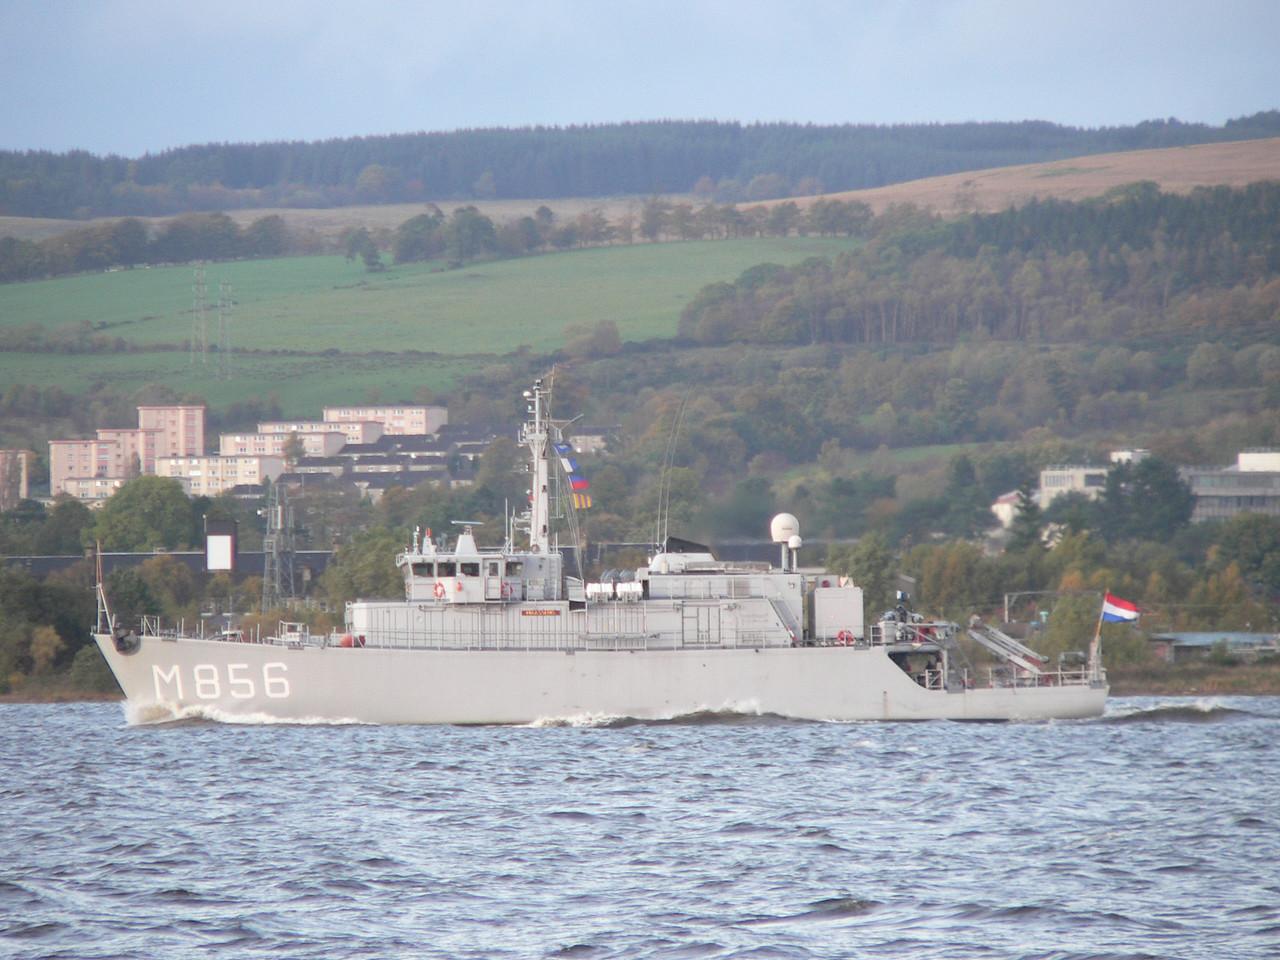 M-856 HrMs MAASLUIS